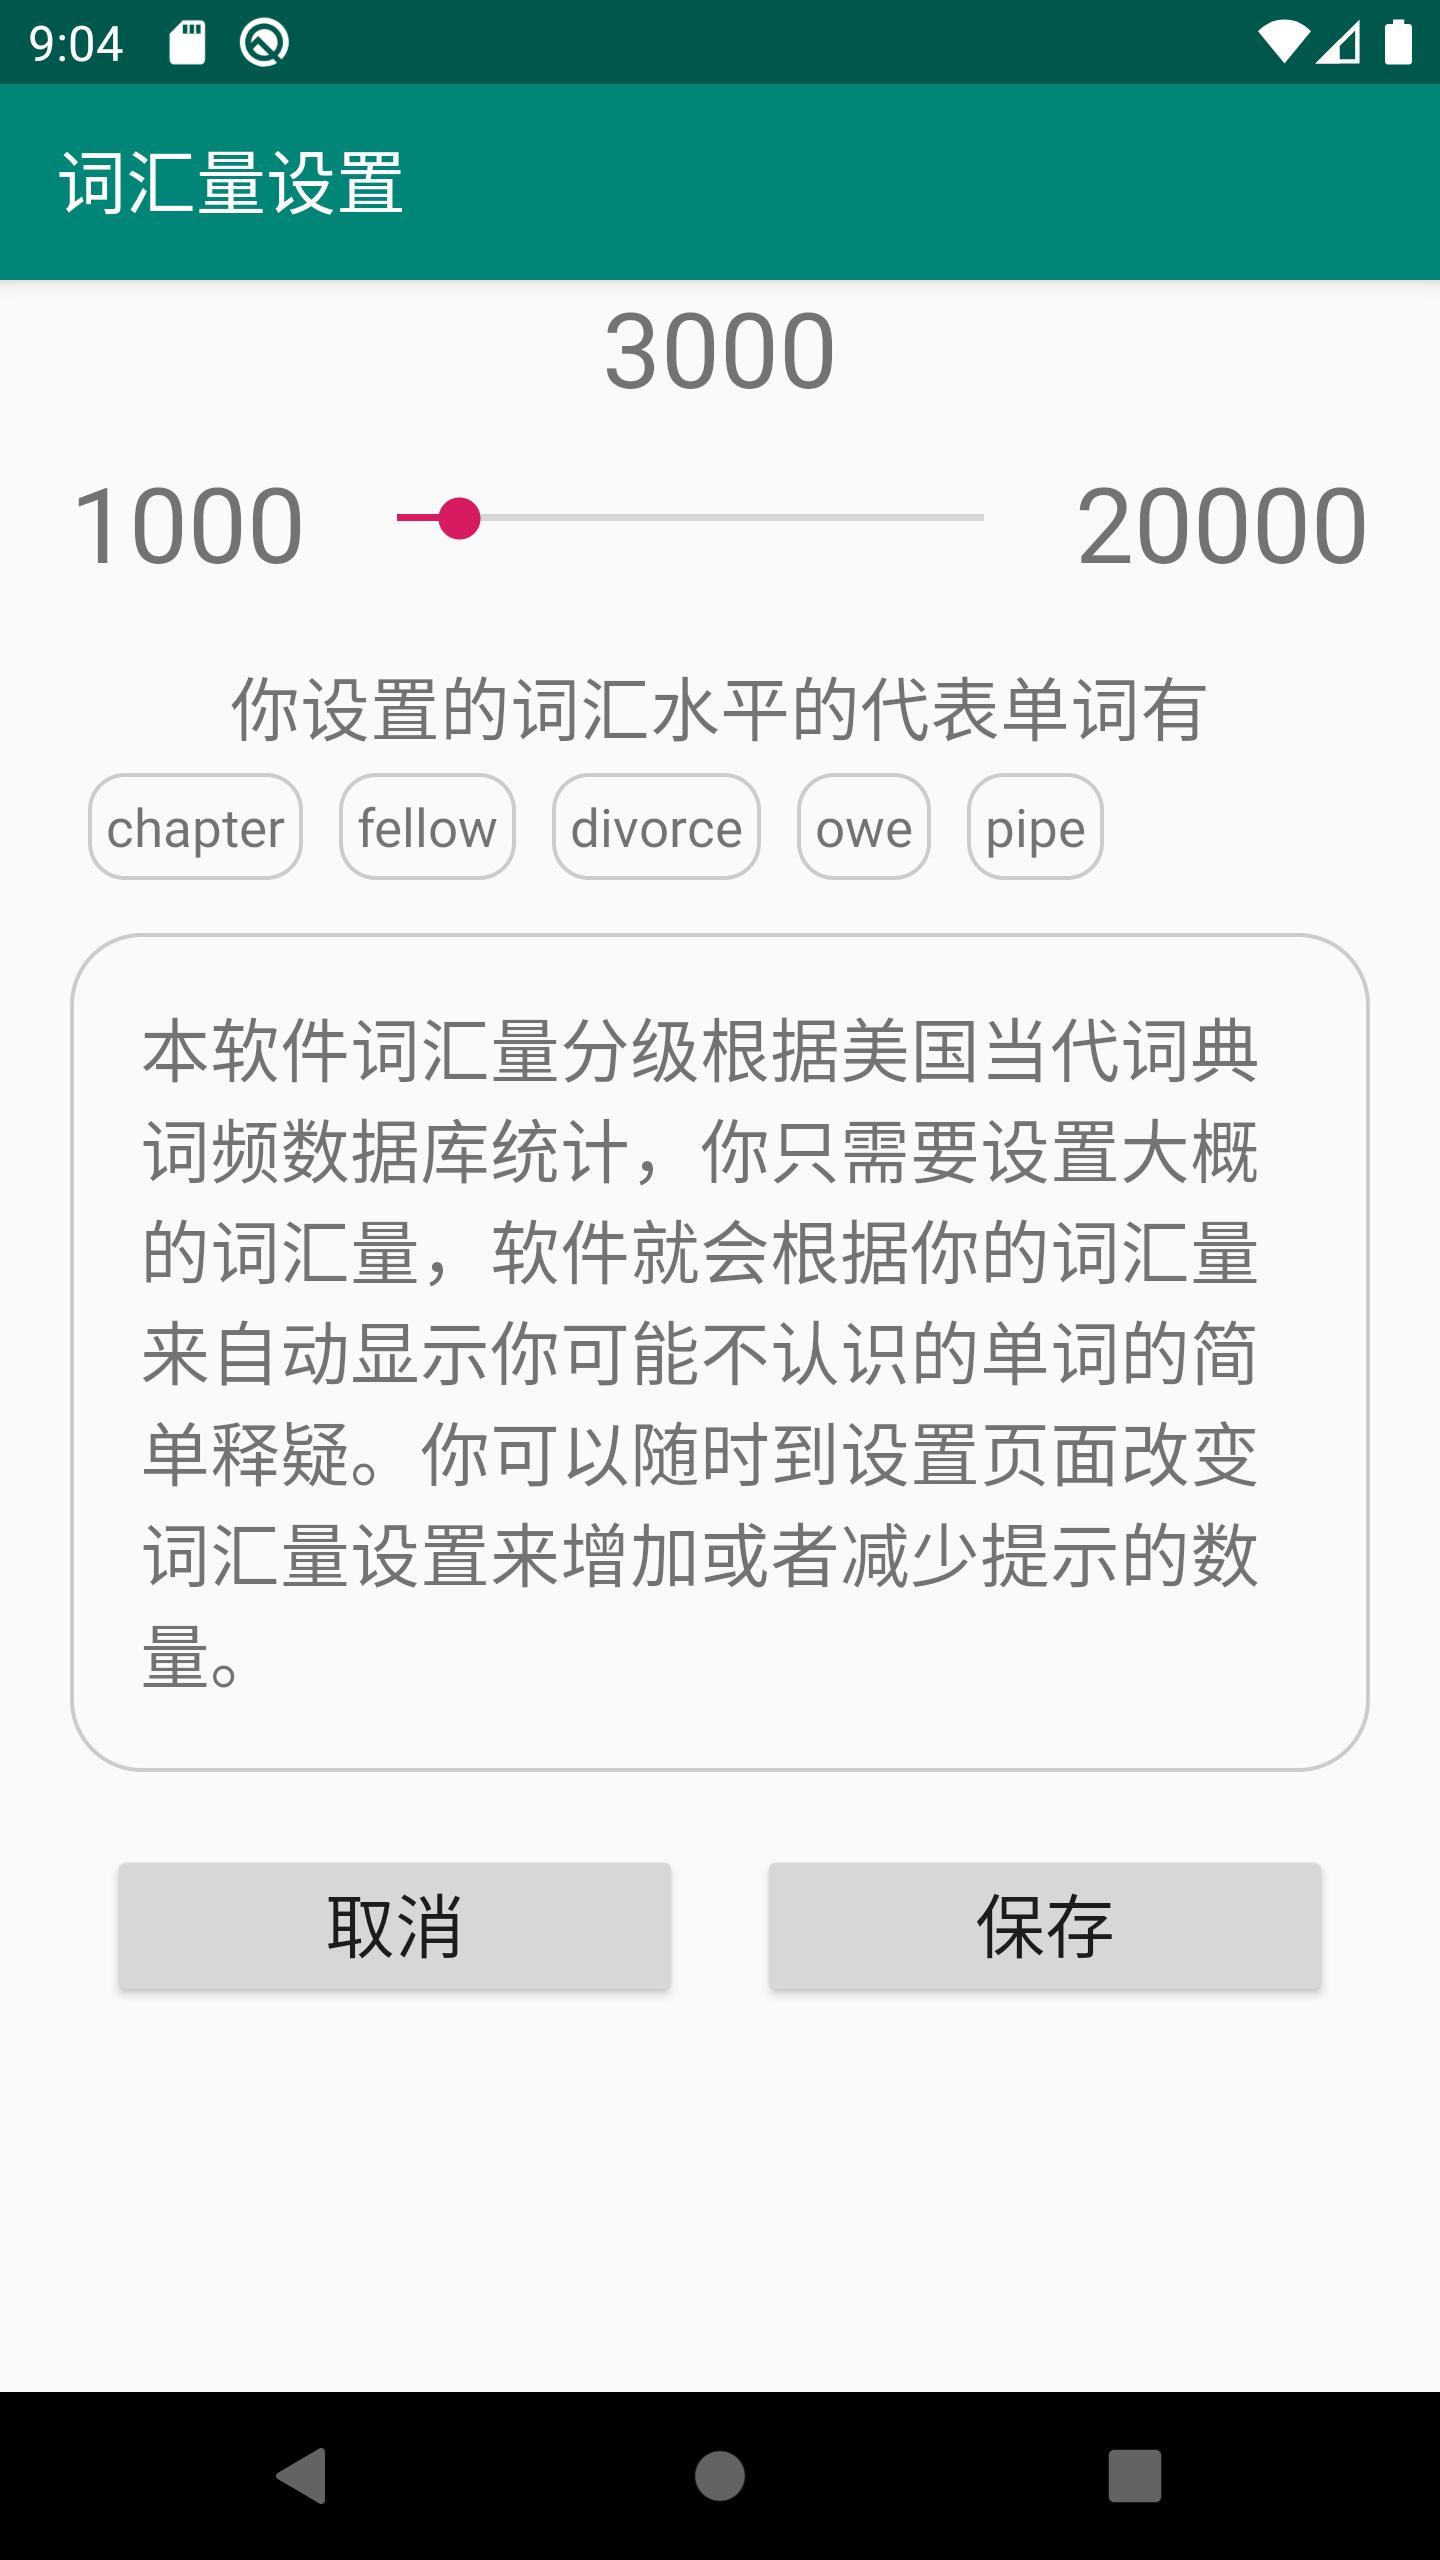 英语轻松读app